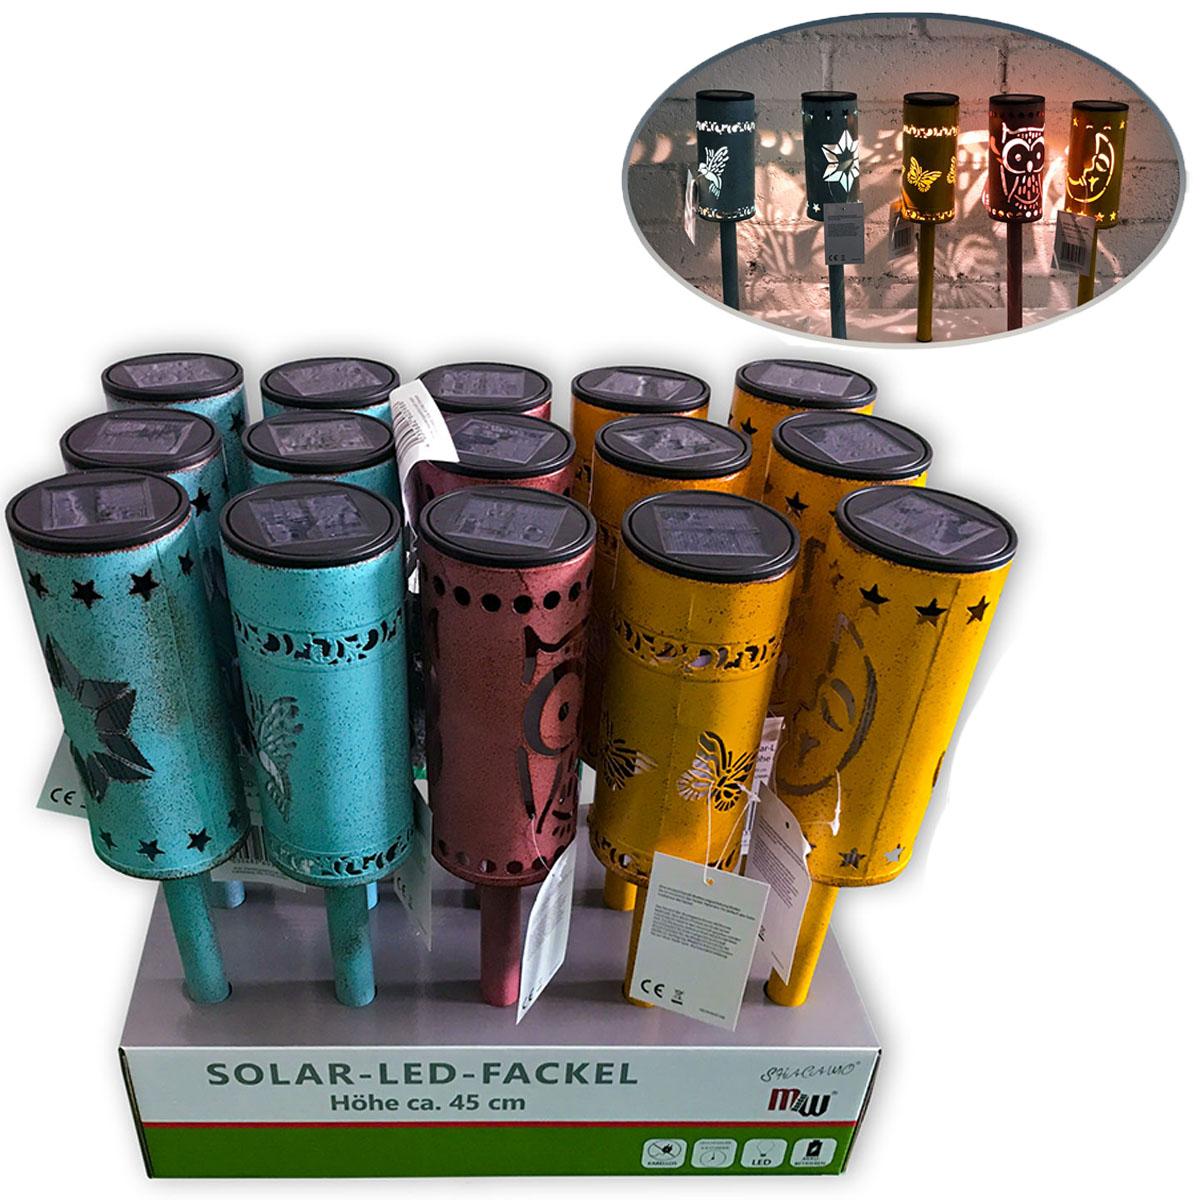 Solar-LED-Fackel 45 cm in Vintagelook Image